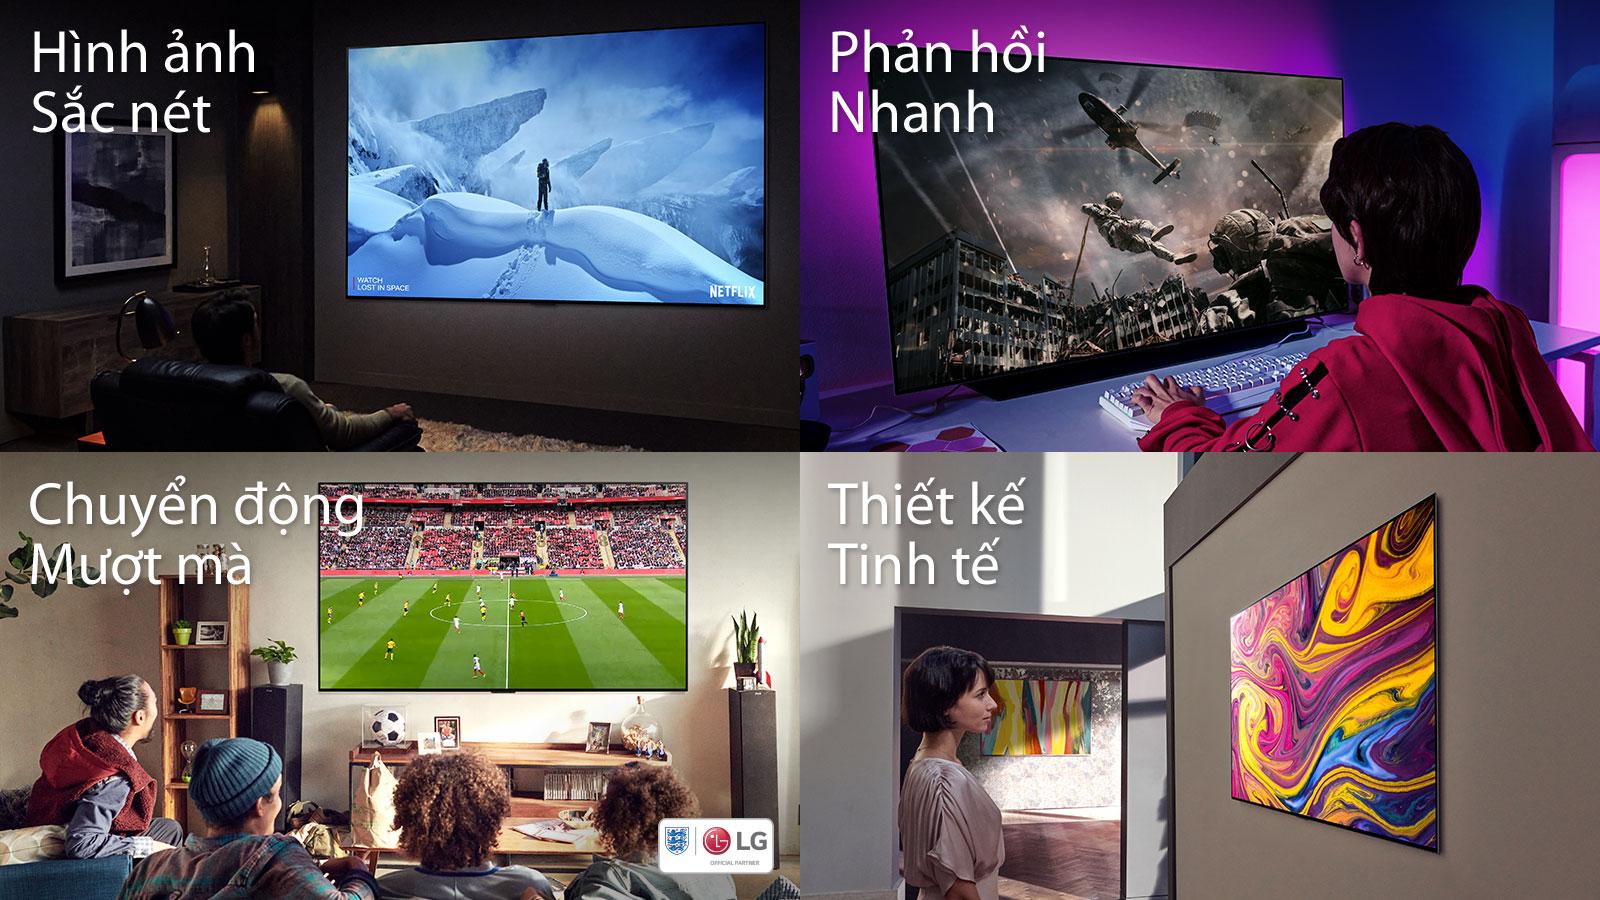 Hình ảnh Marvel WandaVision với logo Disney+ ở phía dưới bên trái, logo Marvel ở phía dưới bên phải và bản sao 'Sharp Picture' ở phía trên bên trái. Một cảnh trò chơi từ Assassin's Creed Valhalla với logo Assassin's Creed Valhalla ở phía dưới bên phải và bản sao 'Swift Response' ở phía trên bên trái. Một hình ảnh một người đánh bóng chày cố gắng đánh một quả bóng chày trong trò chơi với bản sao 'Smooth Motion' ở phía trên bên trái. Hình ảnh màn hình TV treo trên tường với bản sao 'Slim Design' ở phía trên bên trái.